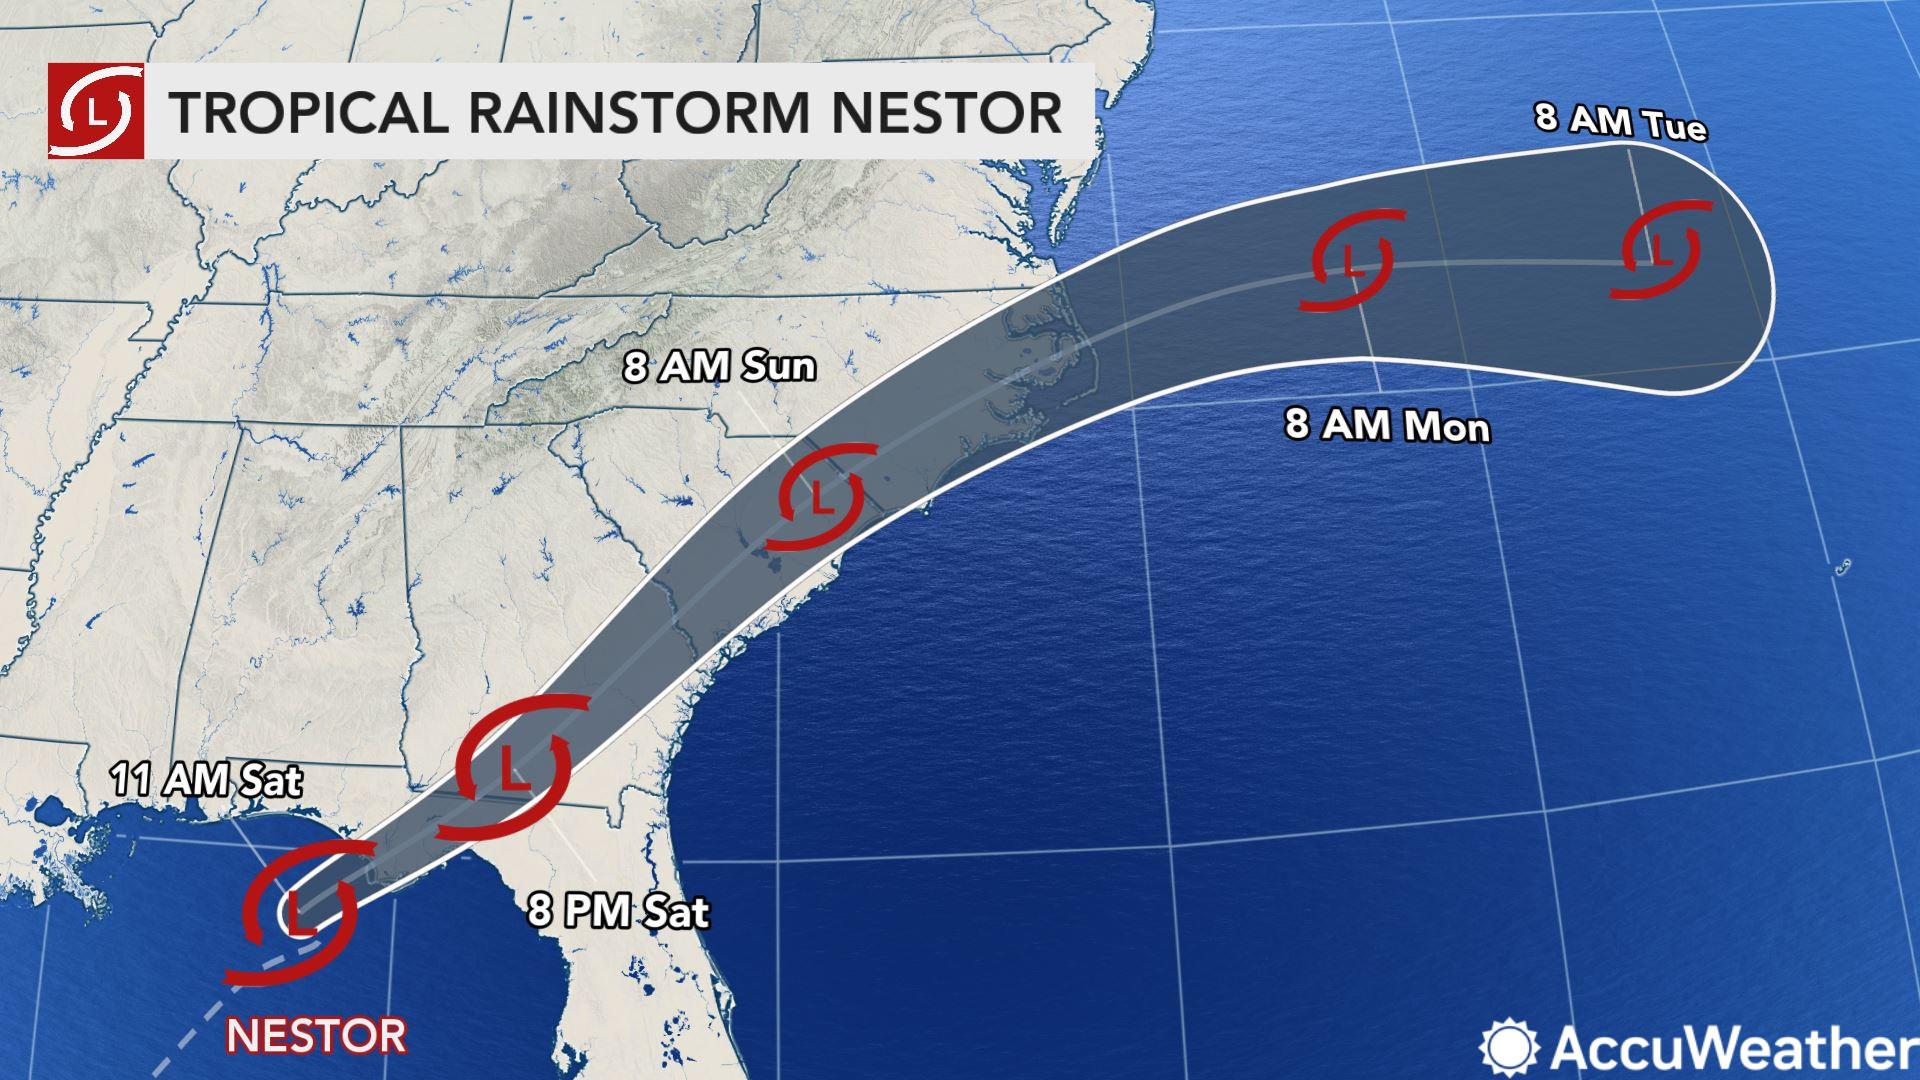 Tropical Rainstorm Nestor hours away from Florida landfall